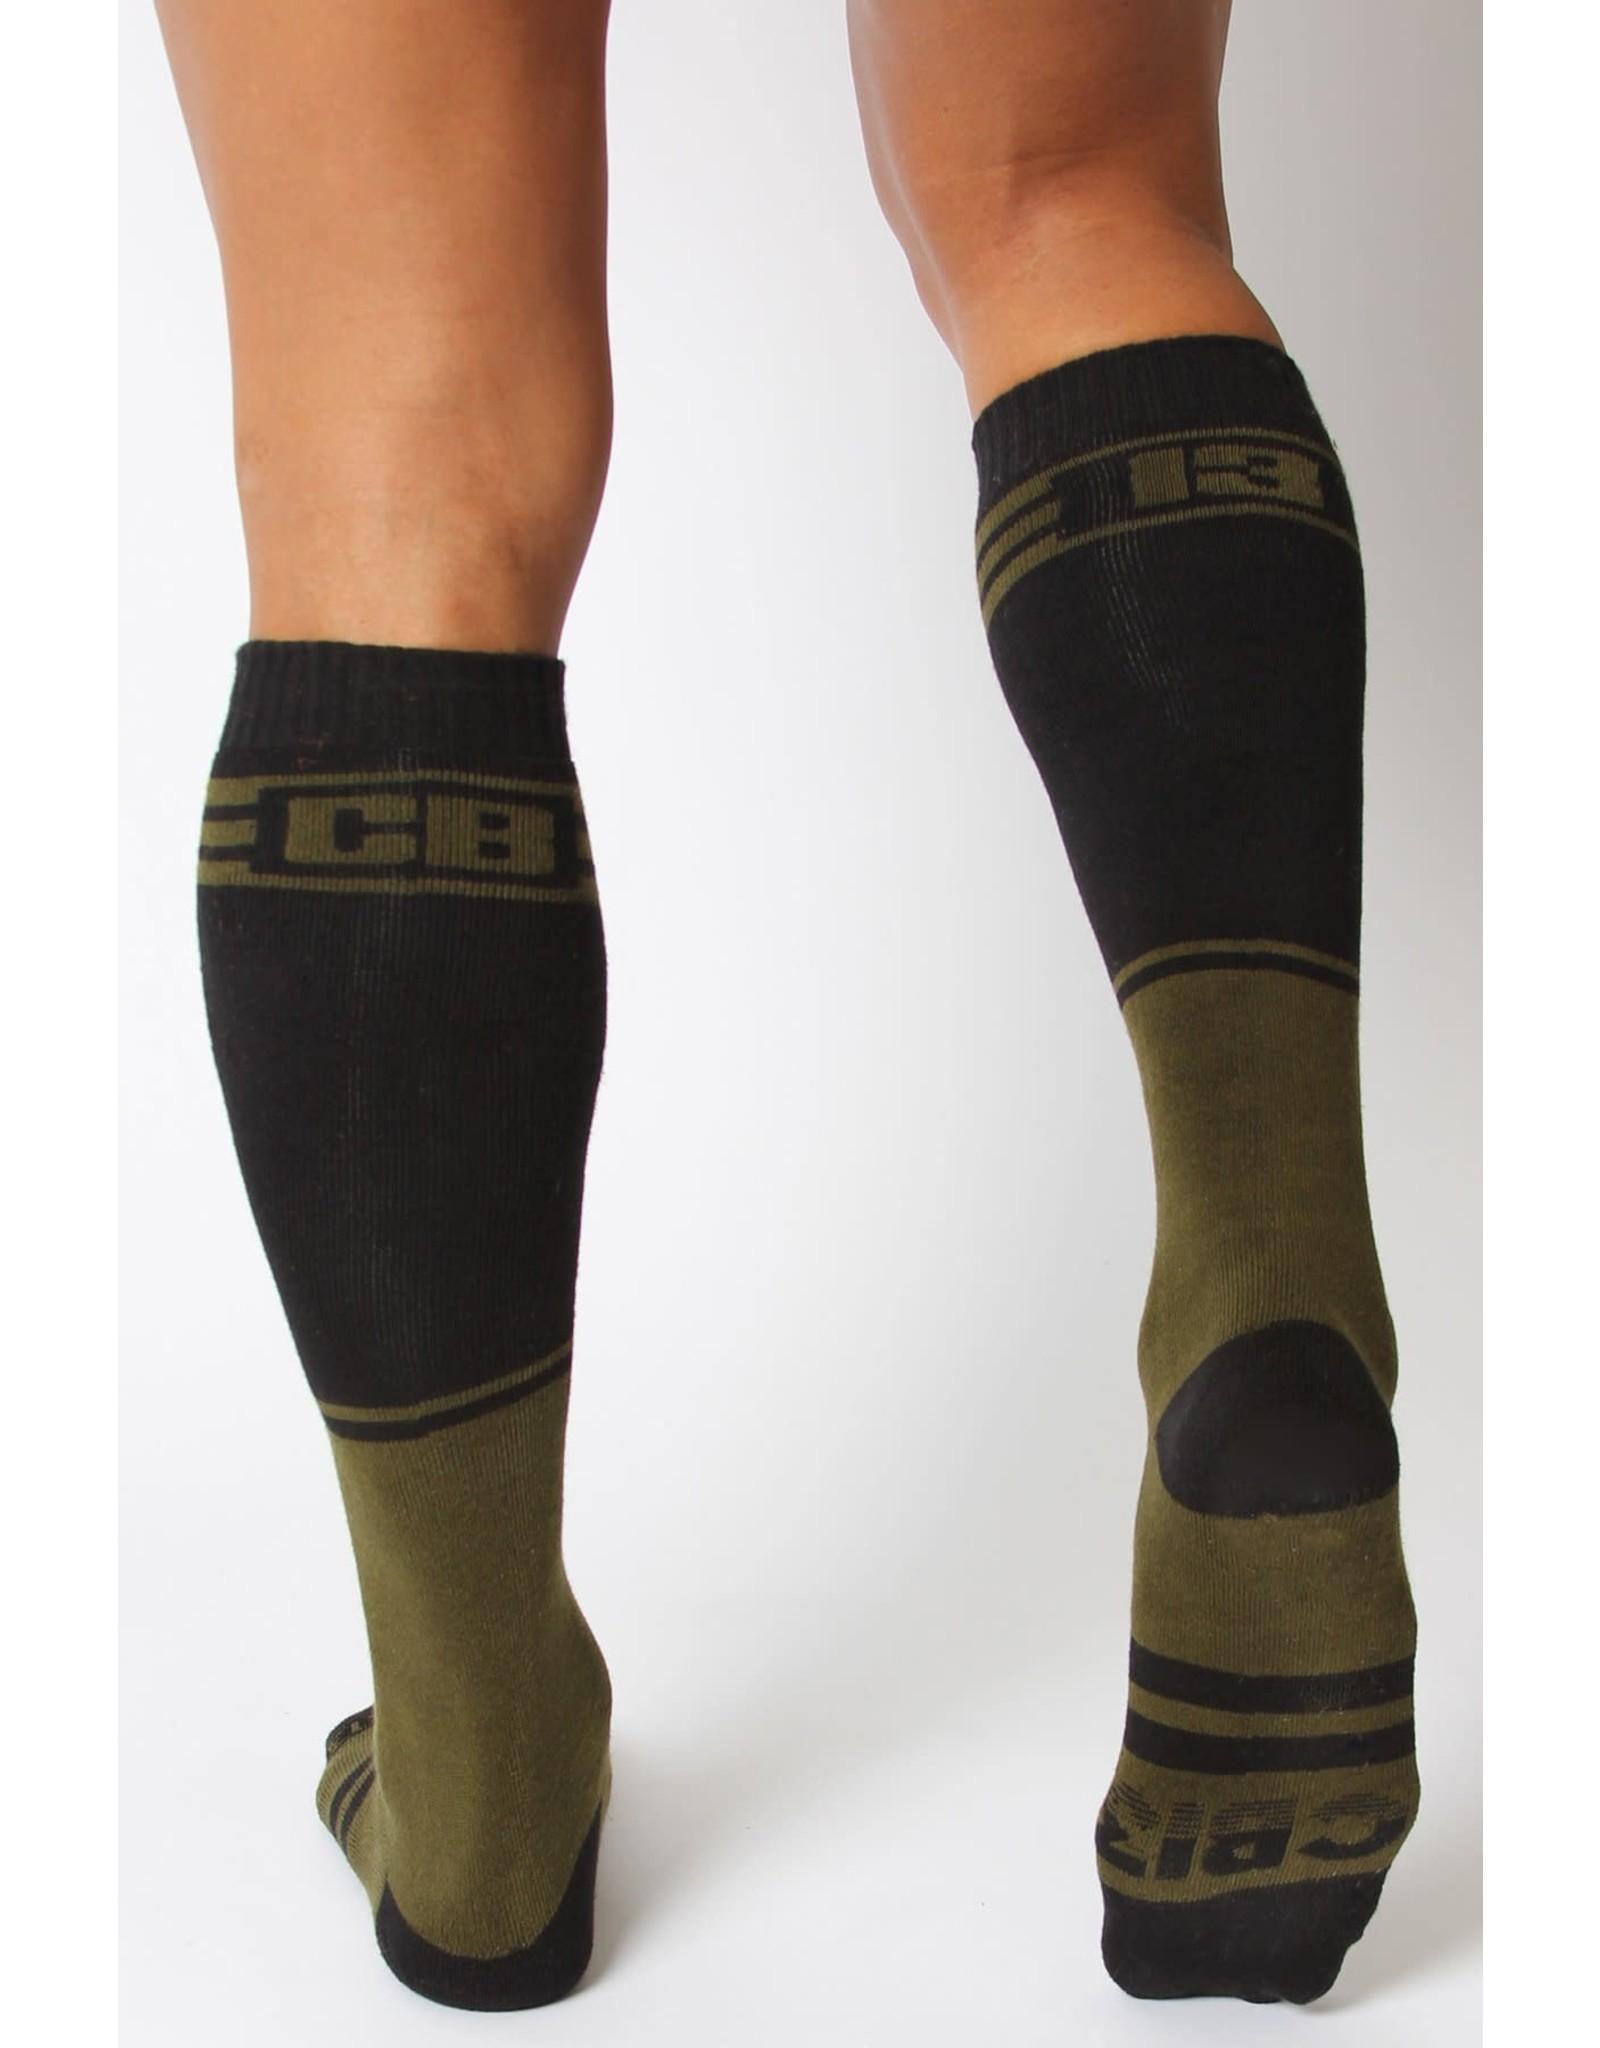 Cellblock13 Cellblock13 Torque 2.0 Knee High Sock